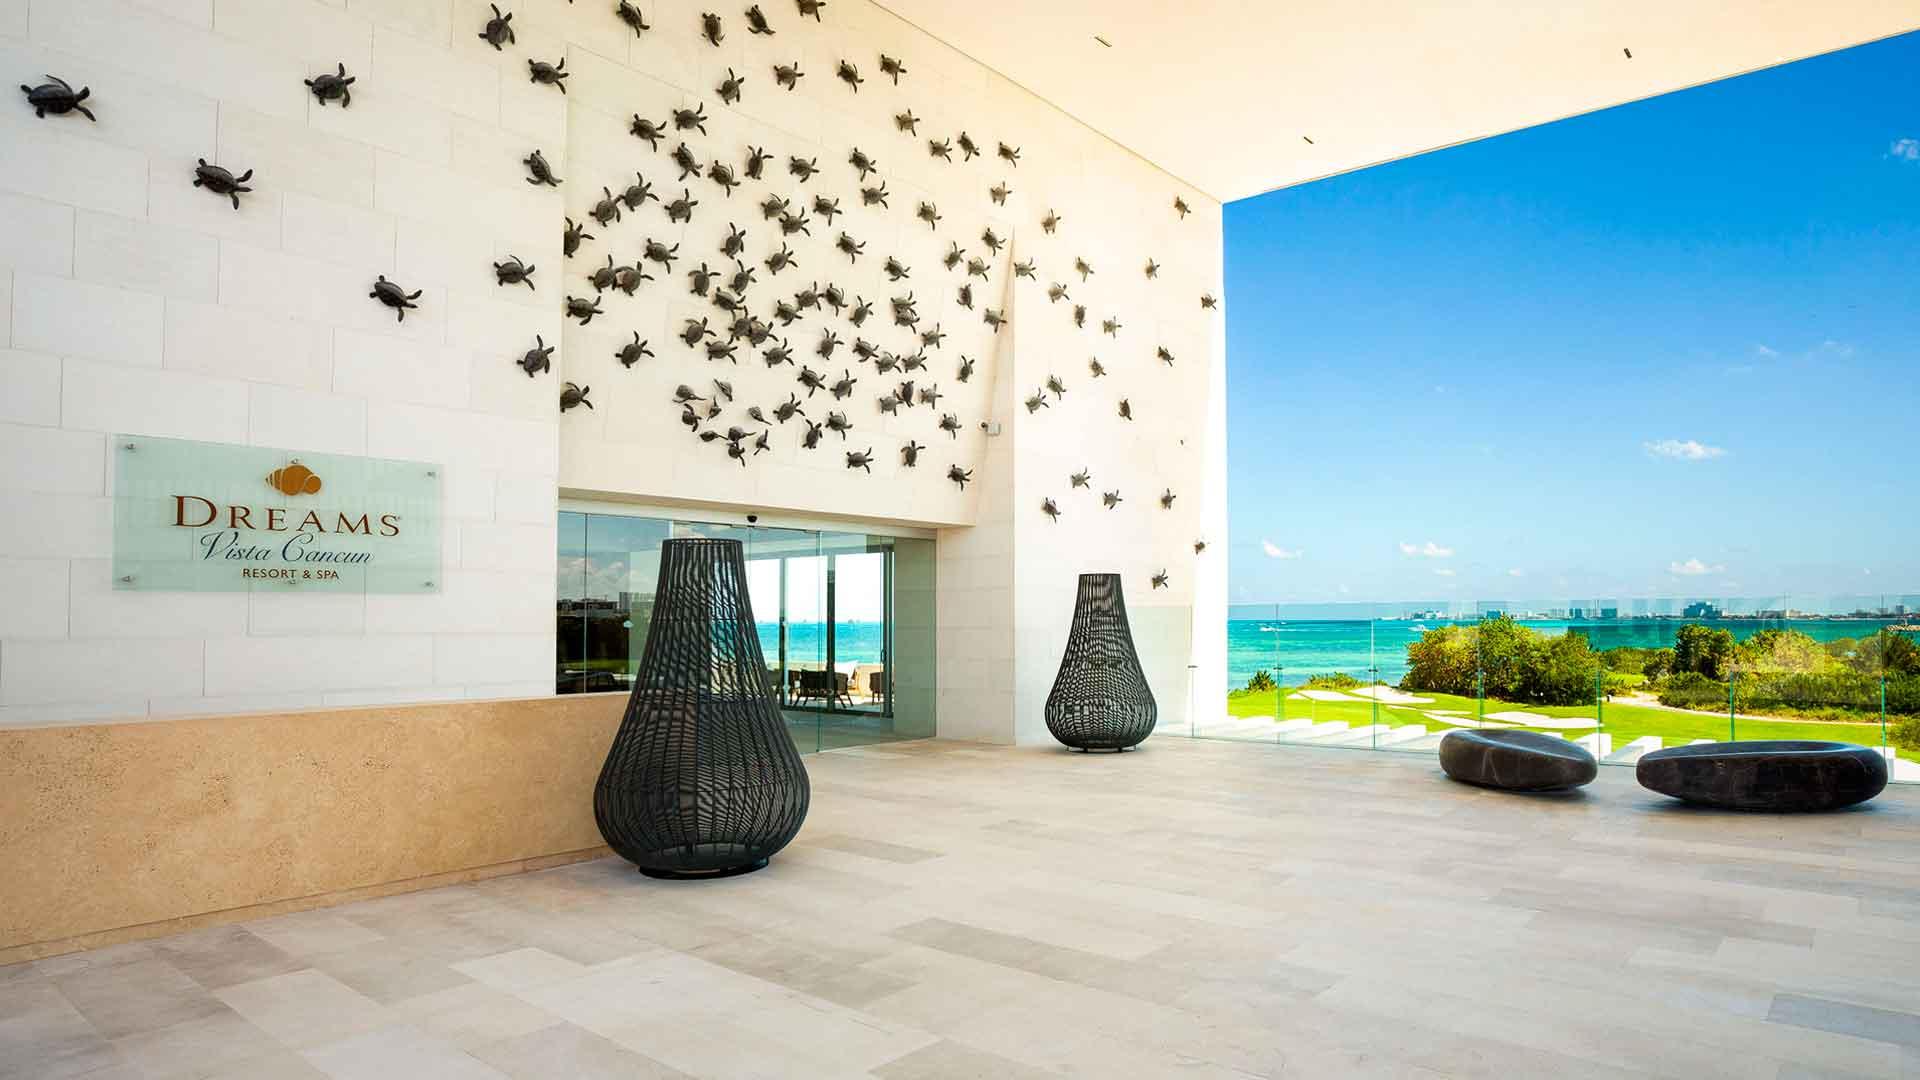 Dreams Vista Cancun Resort & Spa: tecnología de punta para tu confort